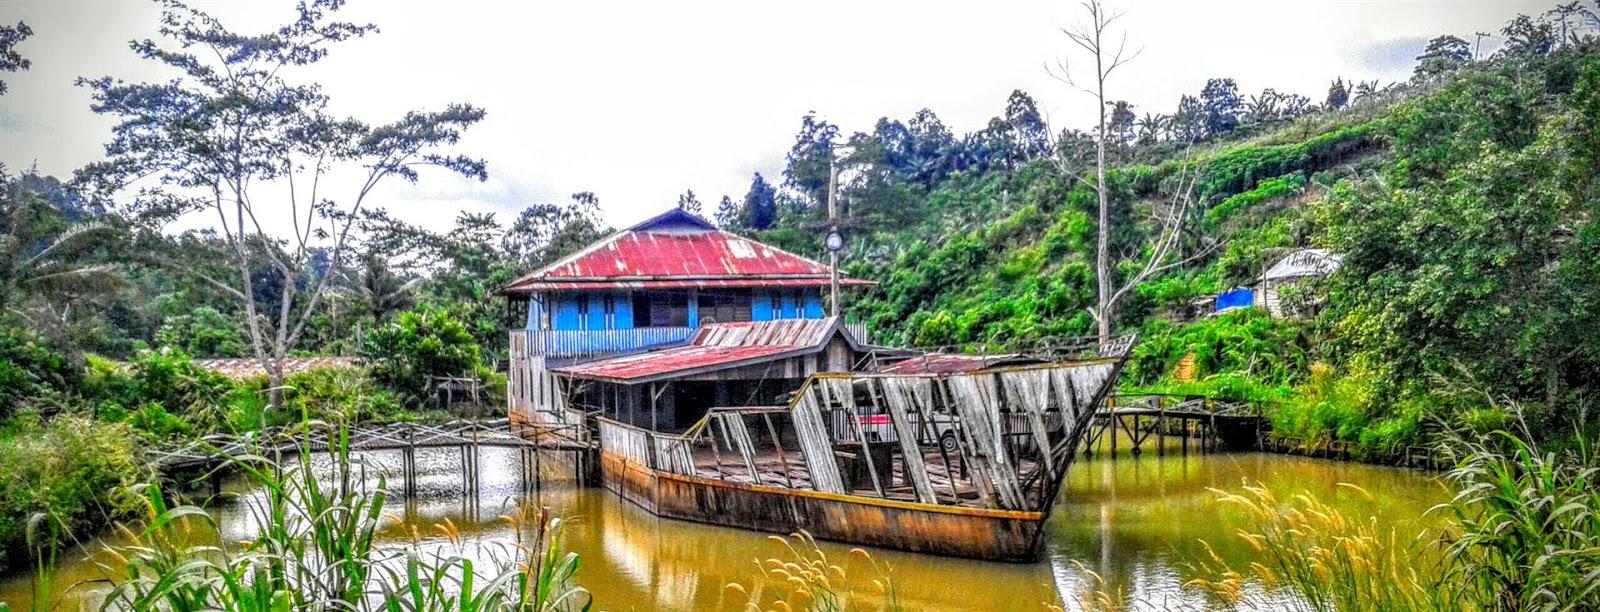 Tempat Keren Samarinda Berambai Expedition Adi Gunawan Blog Rumah Kapal